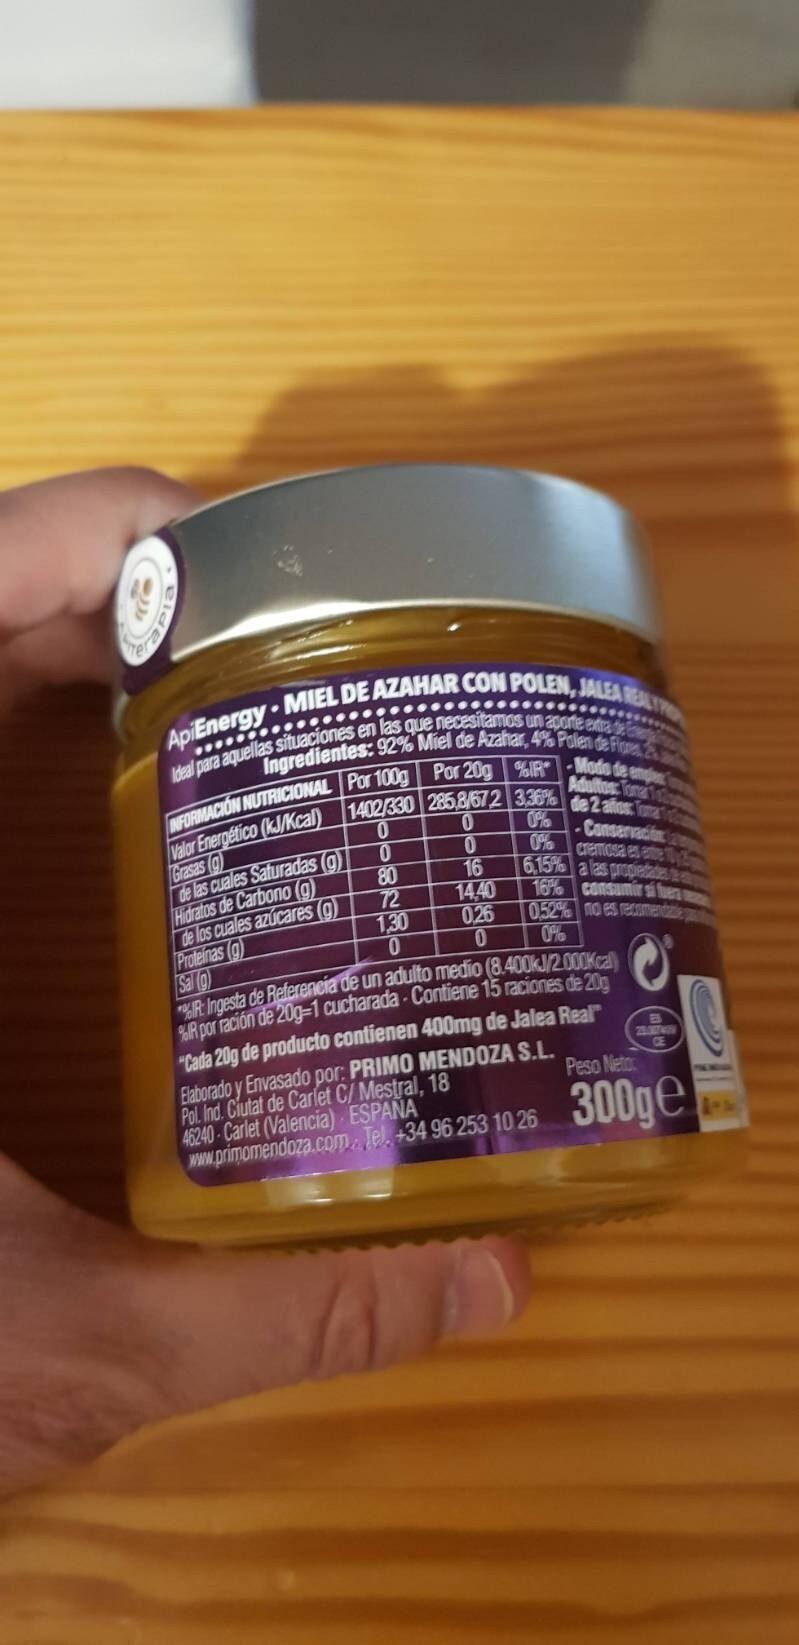 Miel de azahar con polen jalea y propóleo tarro - Información nutricional - es